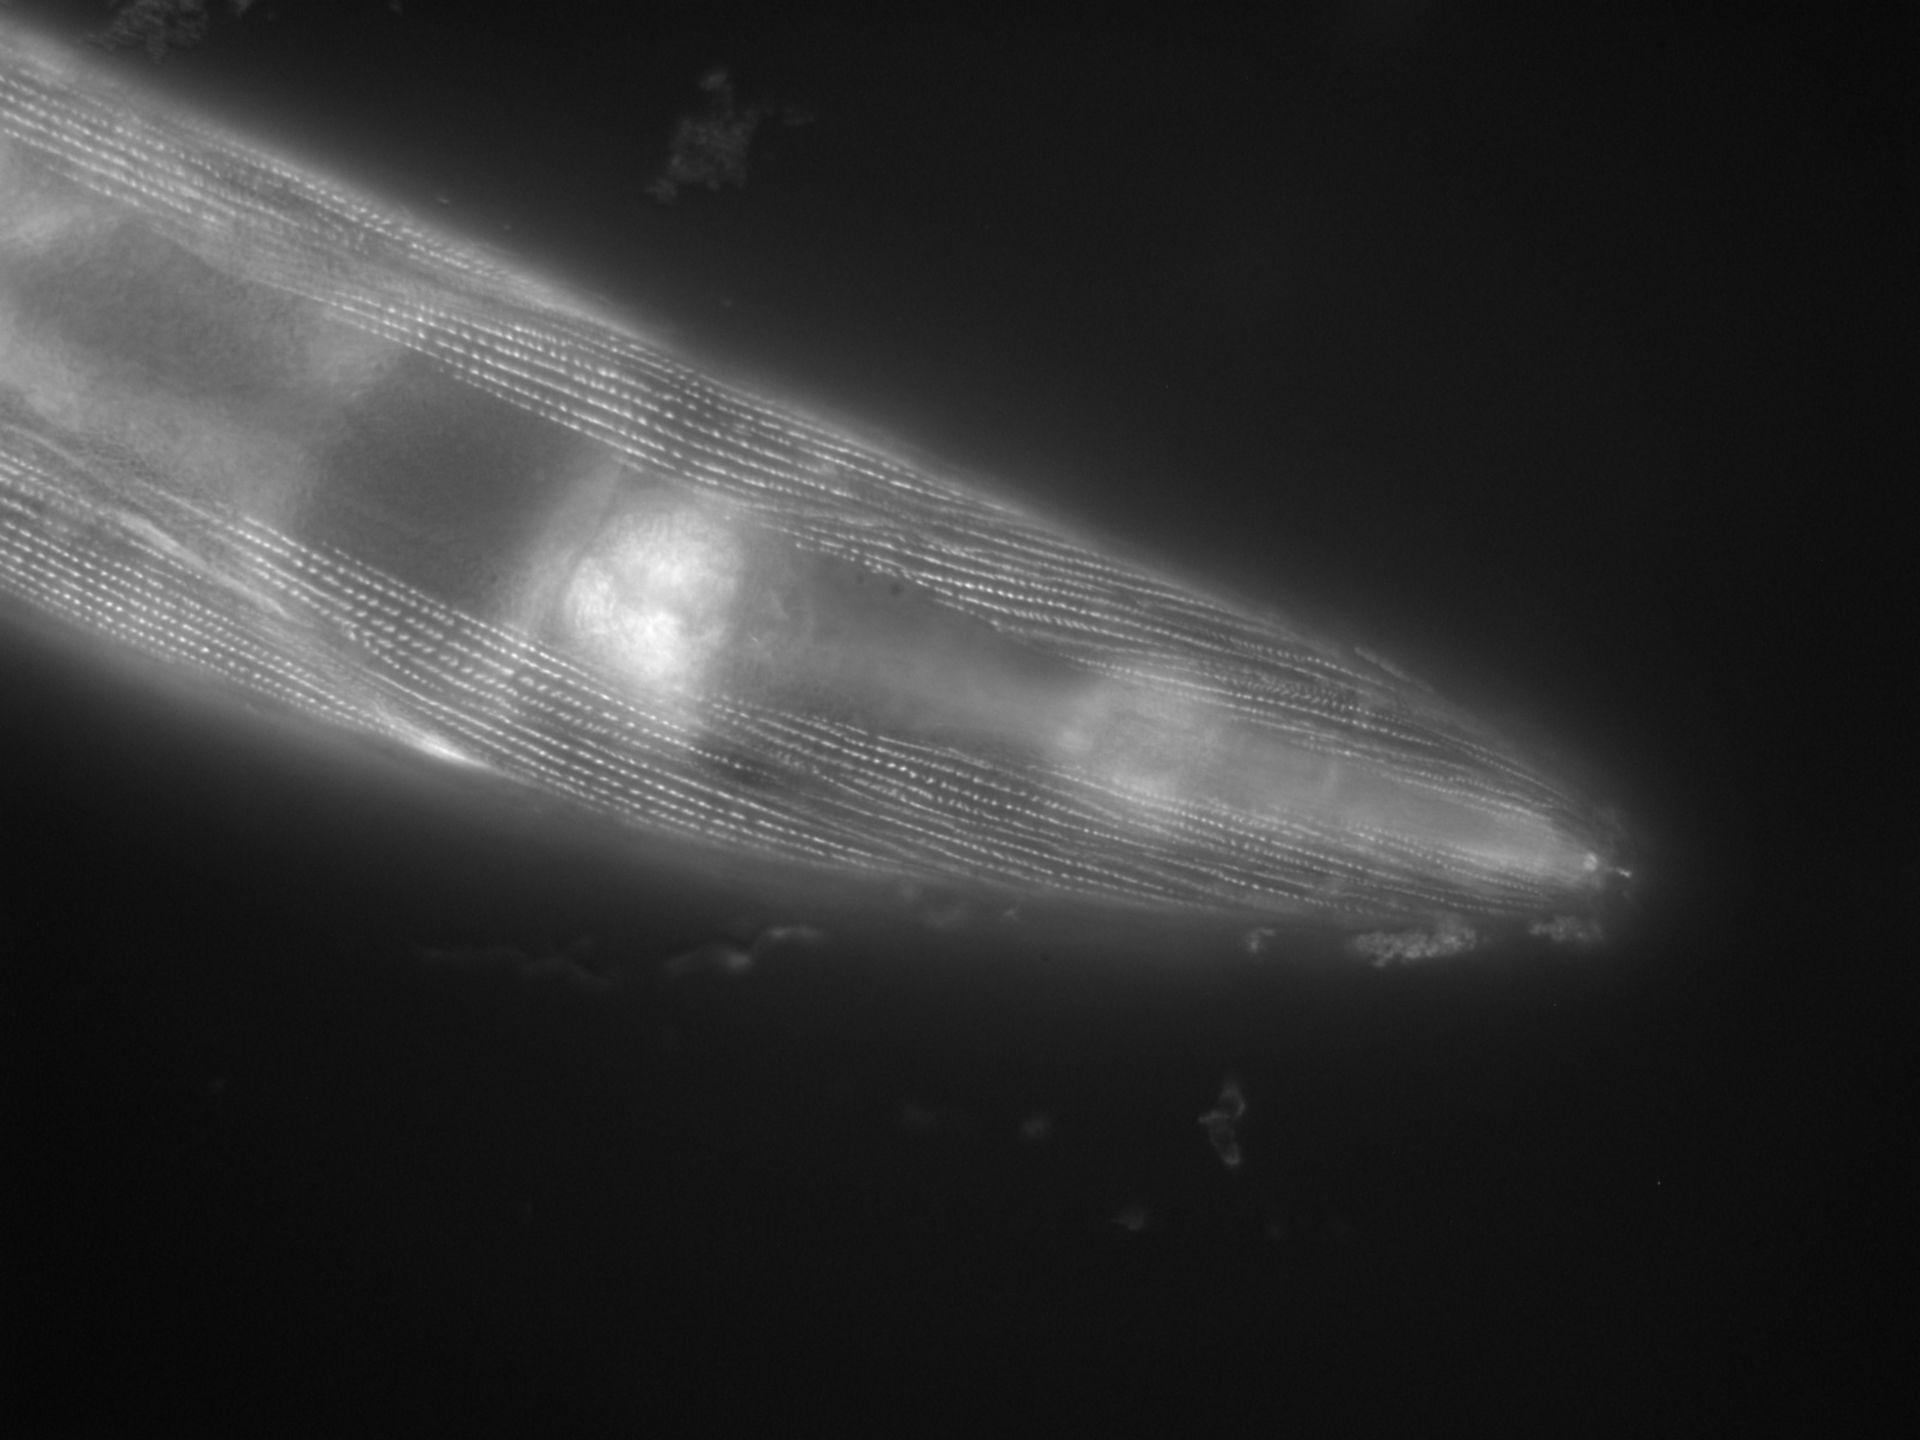 Caenorhabditis elegans (Actin filament) - CIL:1125